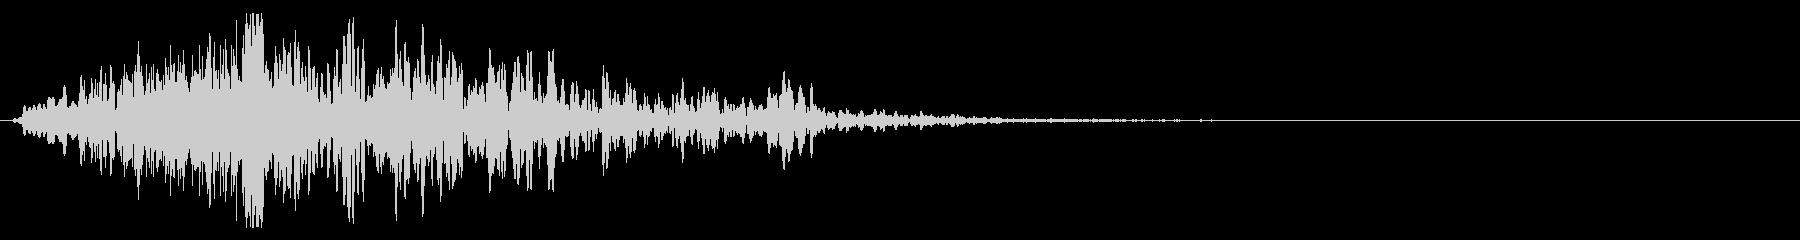 ヒューシュパック、エアムーブメント...の未再生の波形